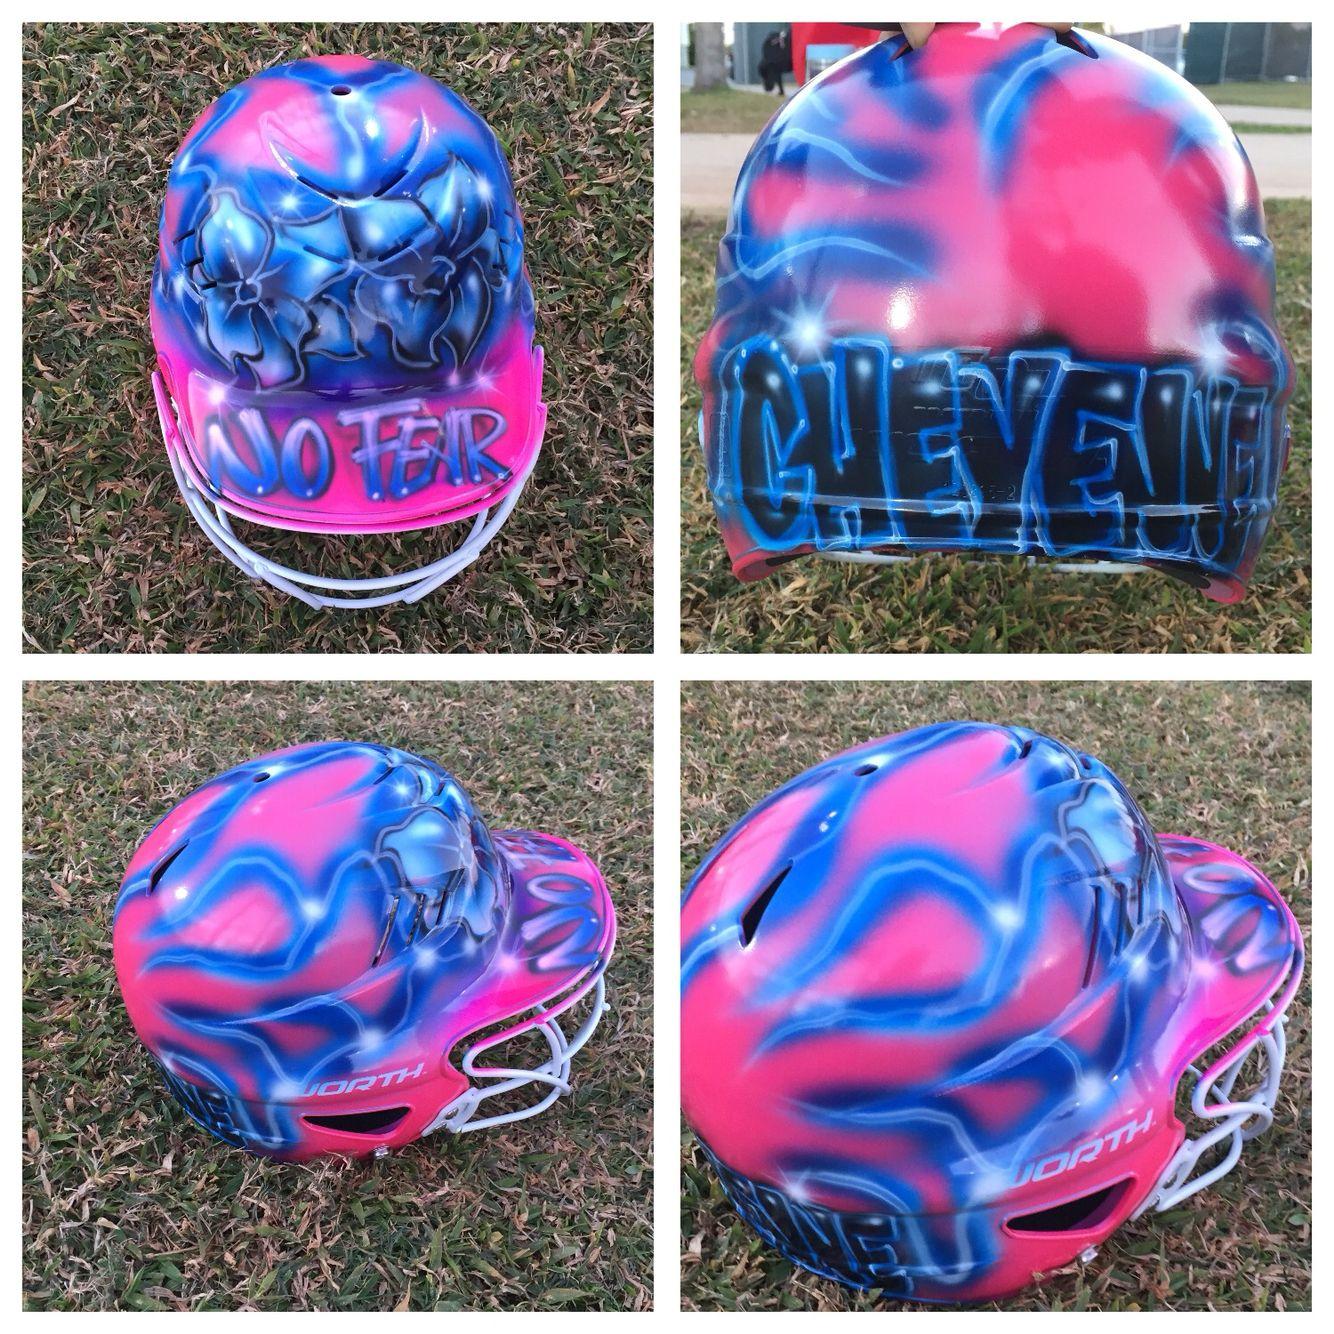 Softball Helmet Airbrush Individual Design My Softball Girl Softball Helmet Softball Gear Girls Softball